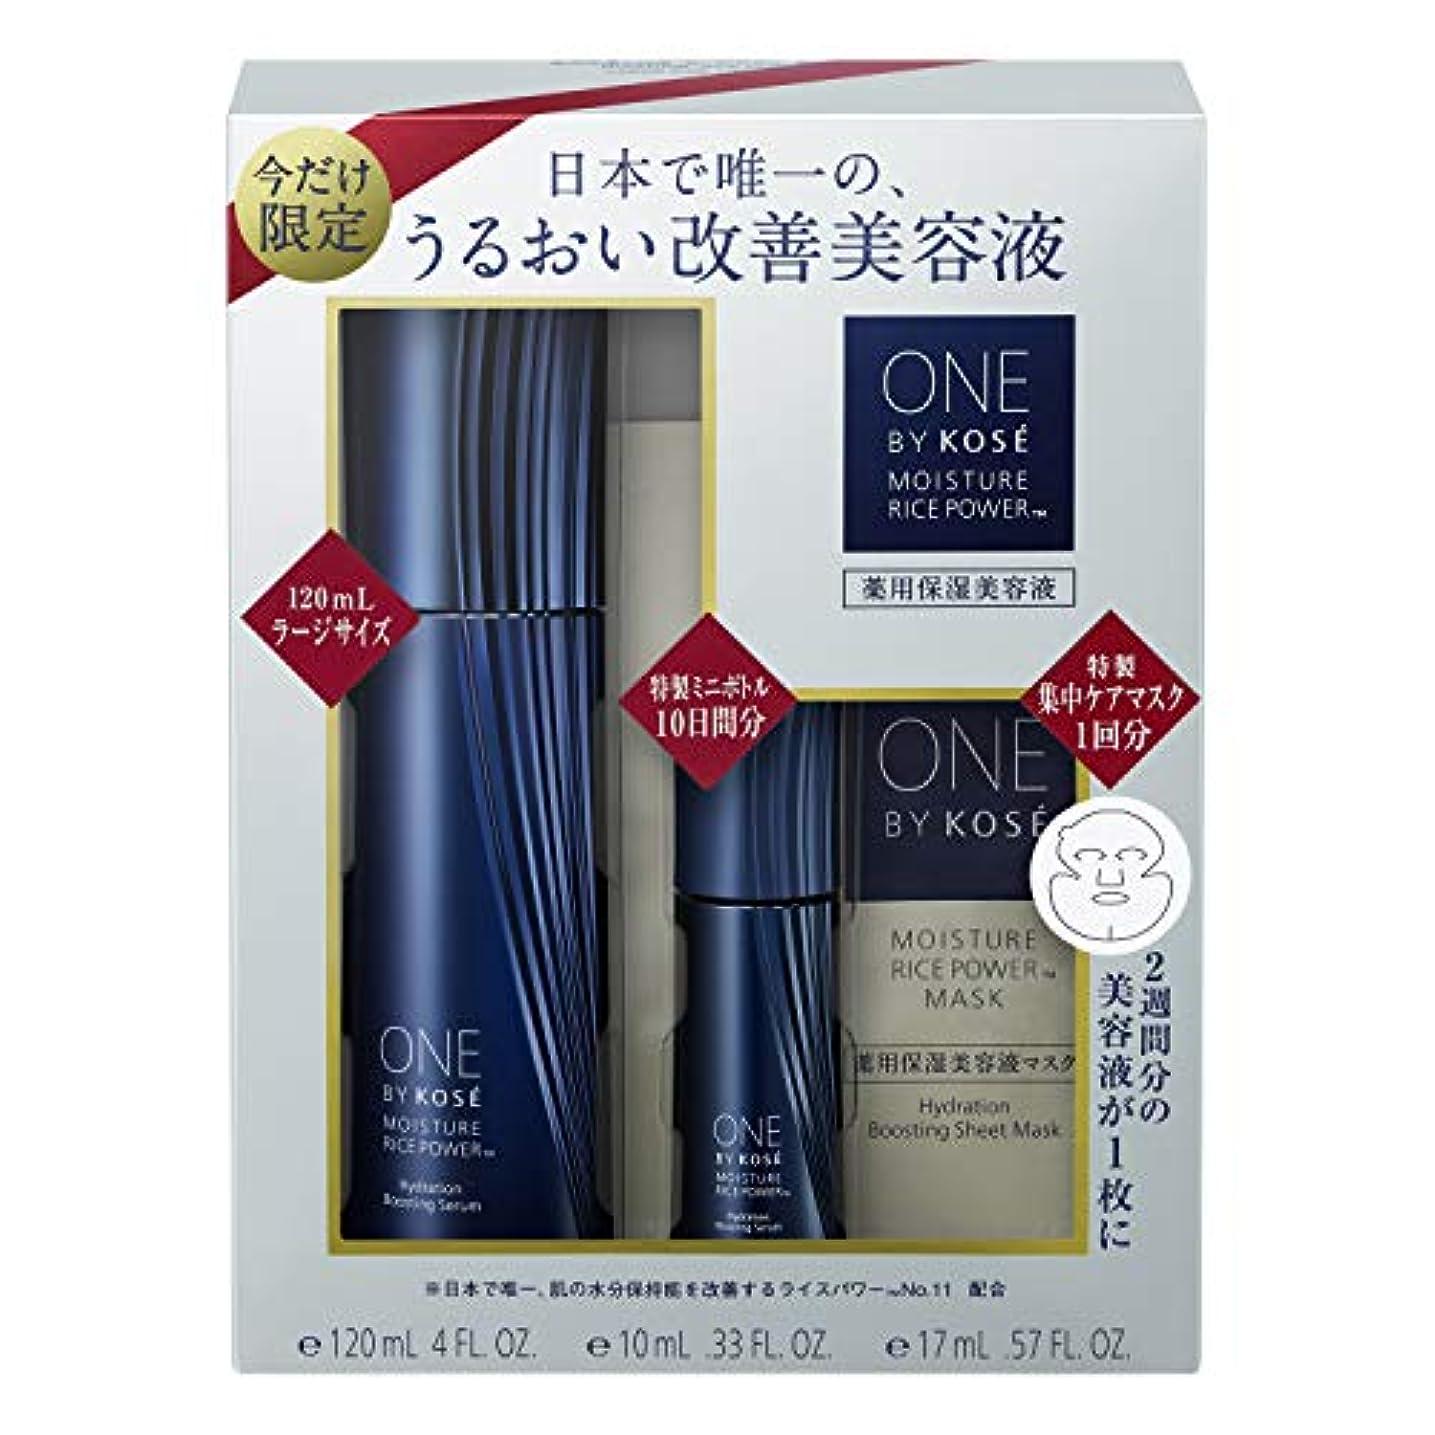 ロープ大砲パッケージONE BY KOSE 薬用保湿美容液 ラージサイズ 限定キット